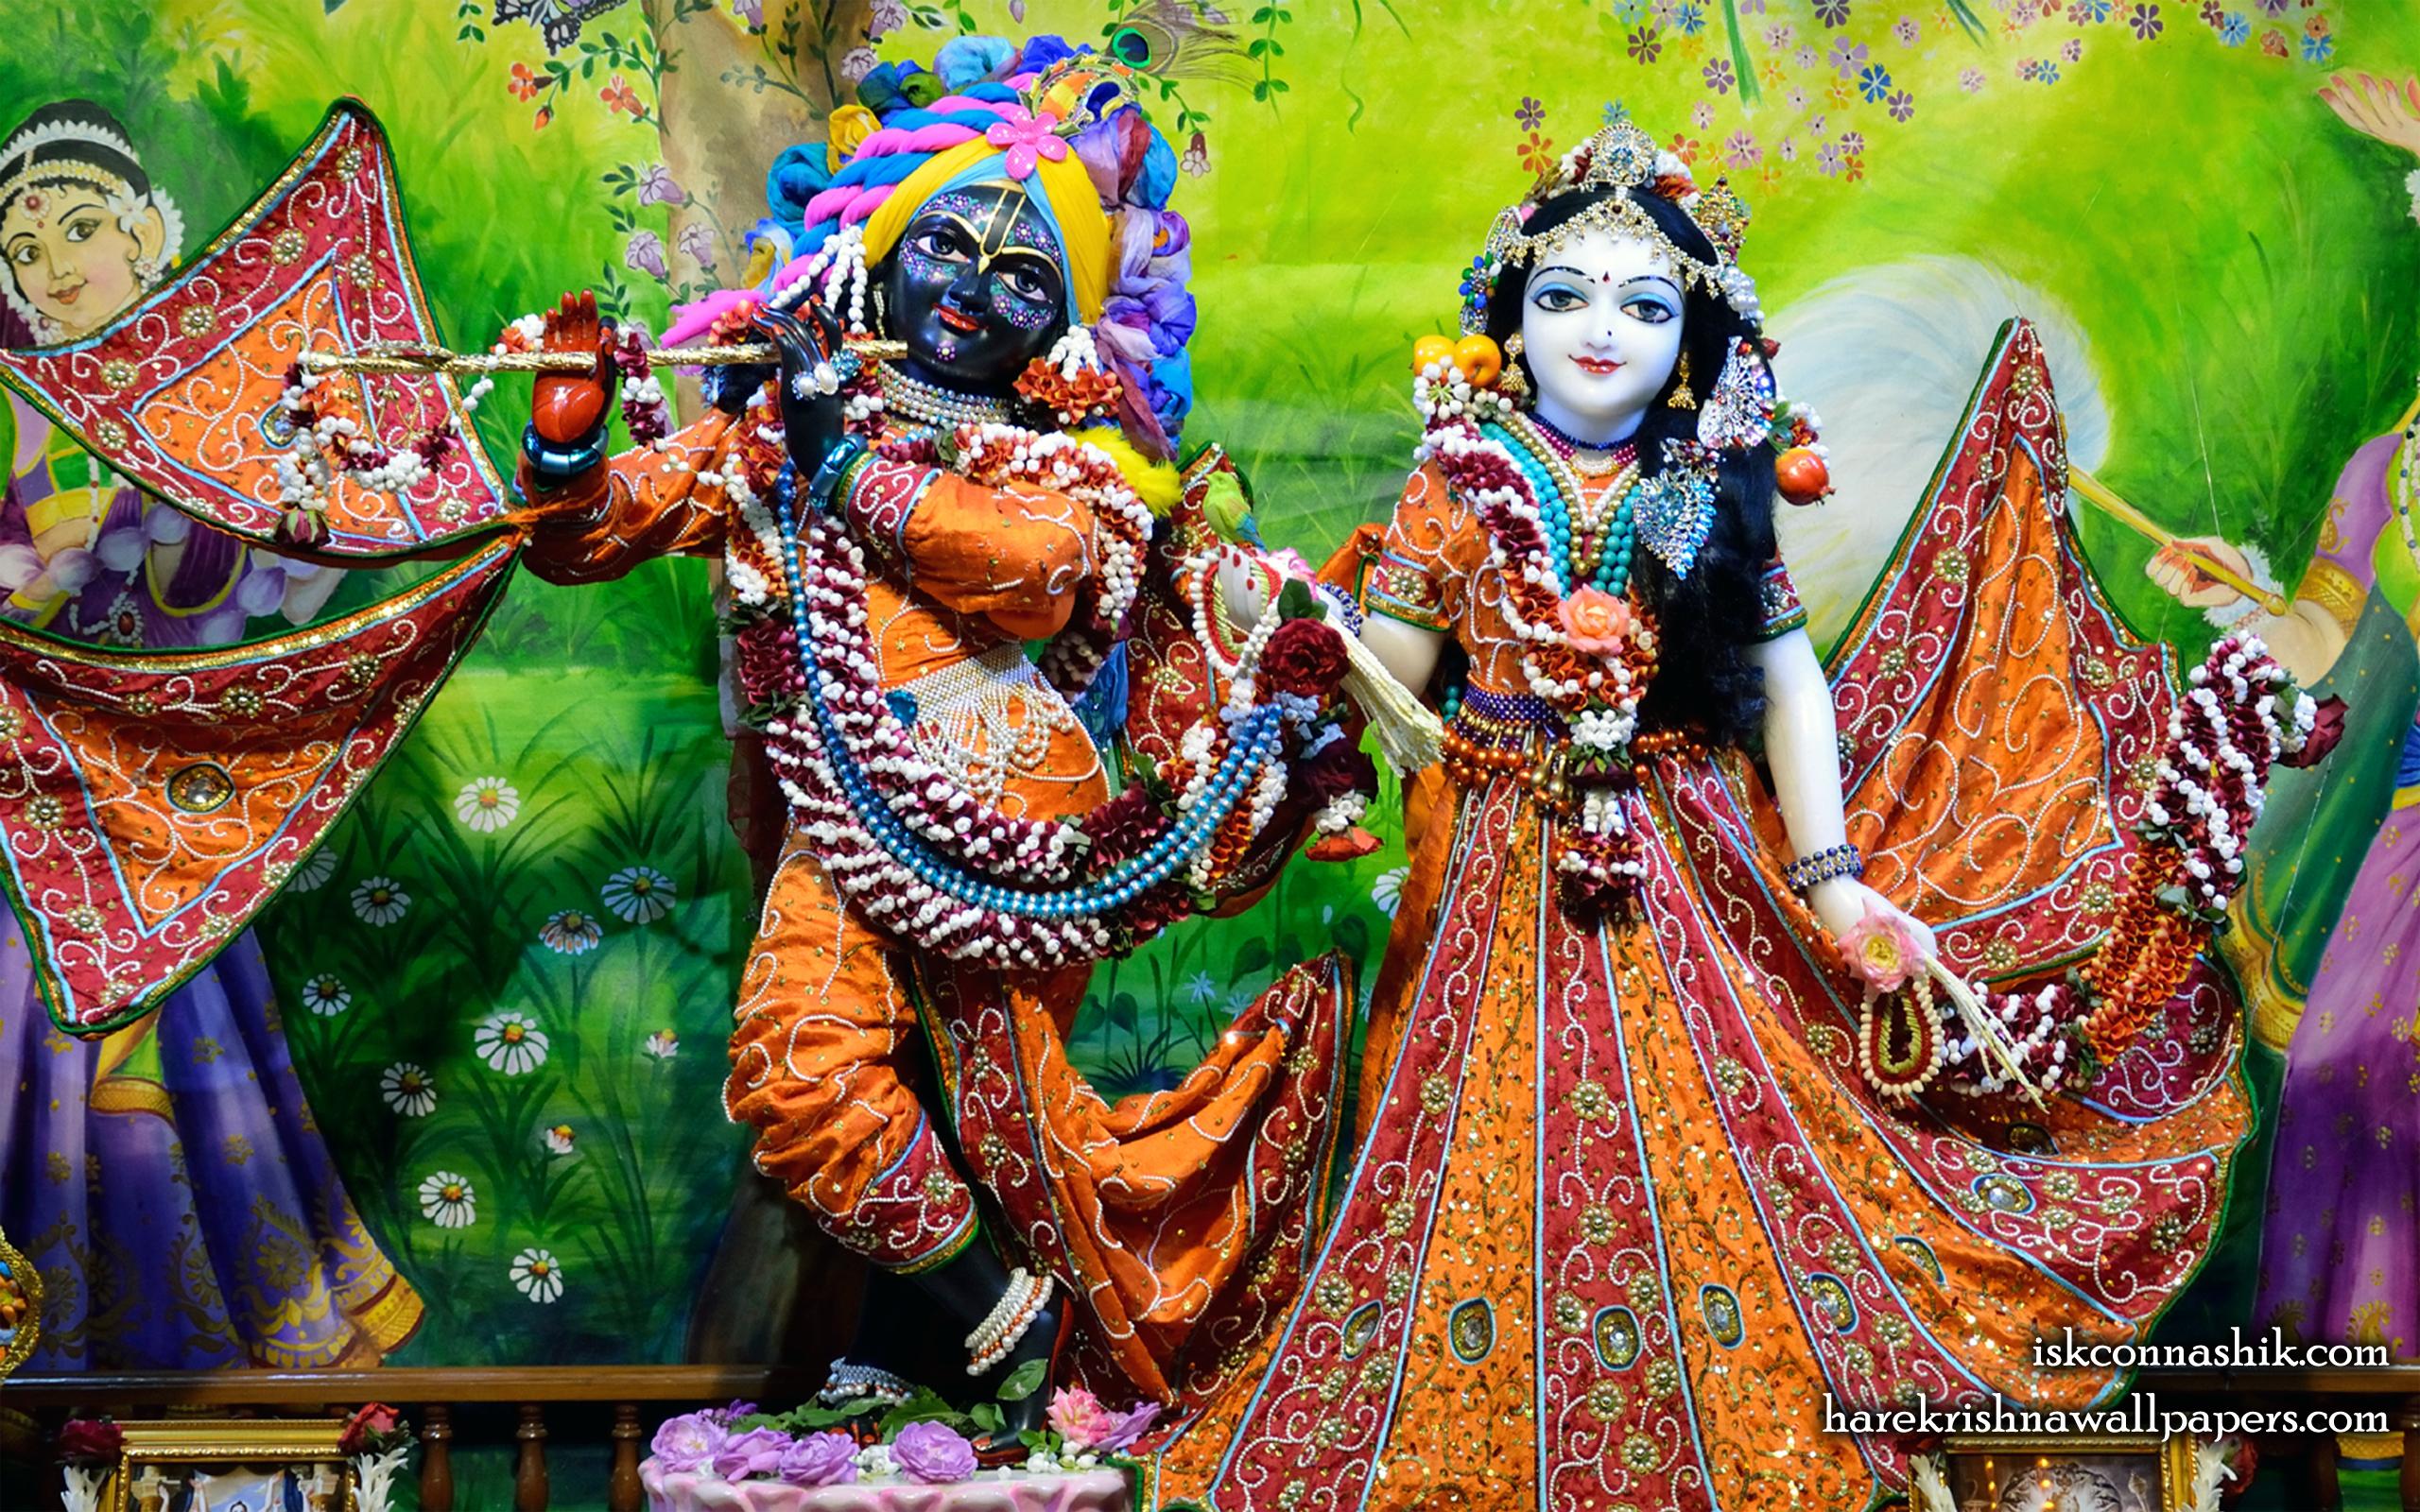 Sri Sri Radha Madan Gopal Wallpaper (024) Size 2560x1600 Download